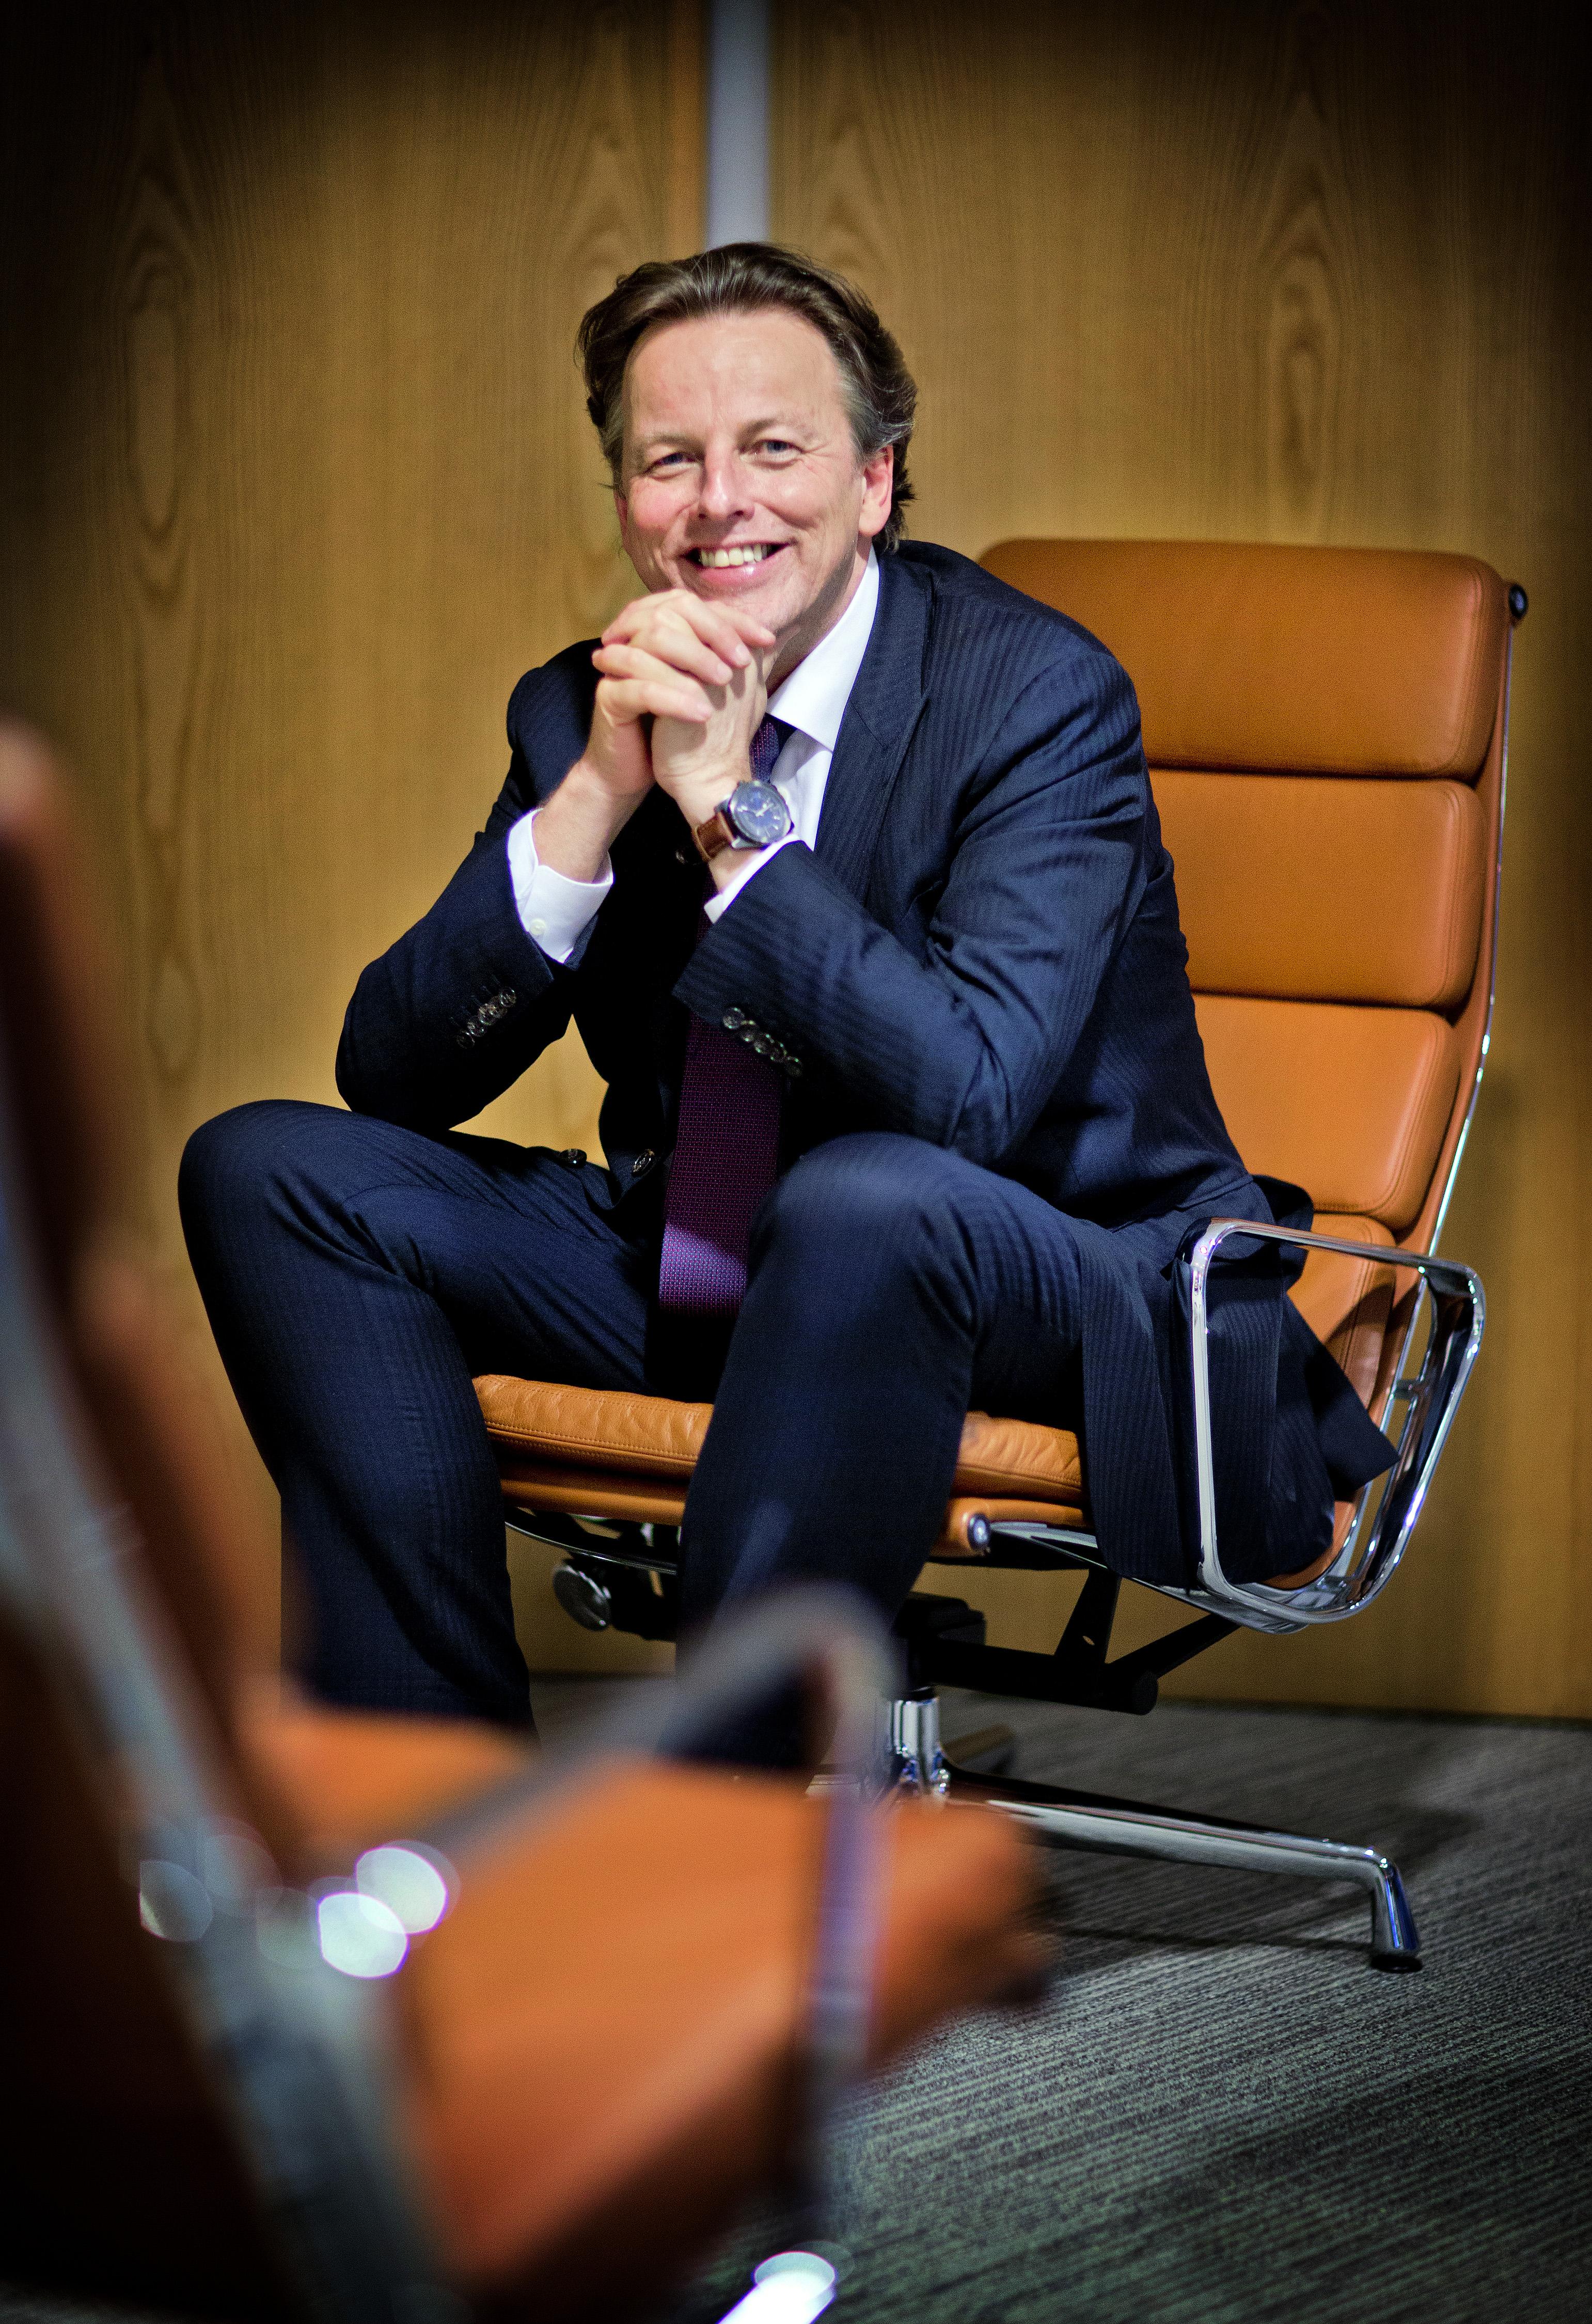 DEN HAAG - Minister van Buitenlandse Zaken Bert Koenders. - FOTO GUUS SCHOONEWILLE